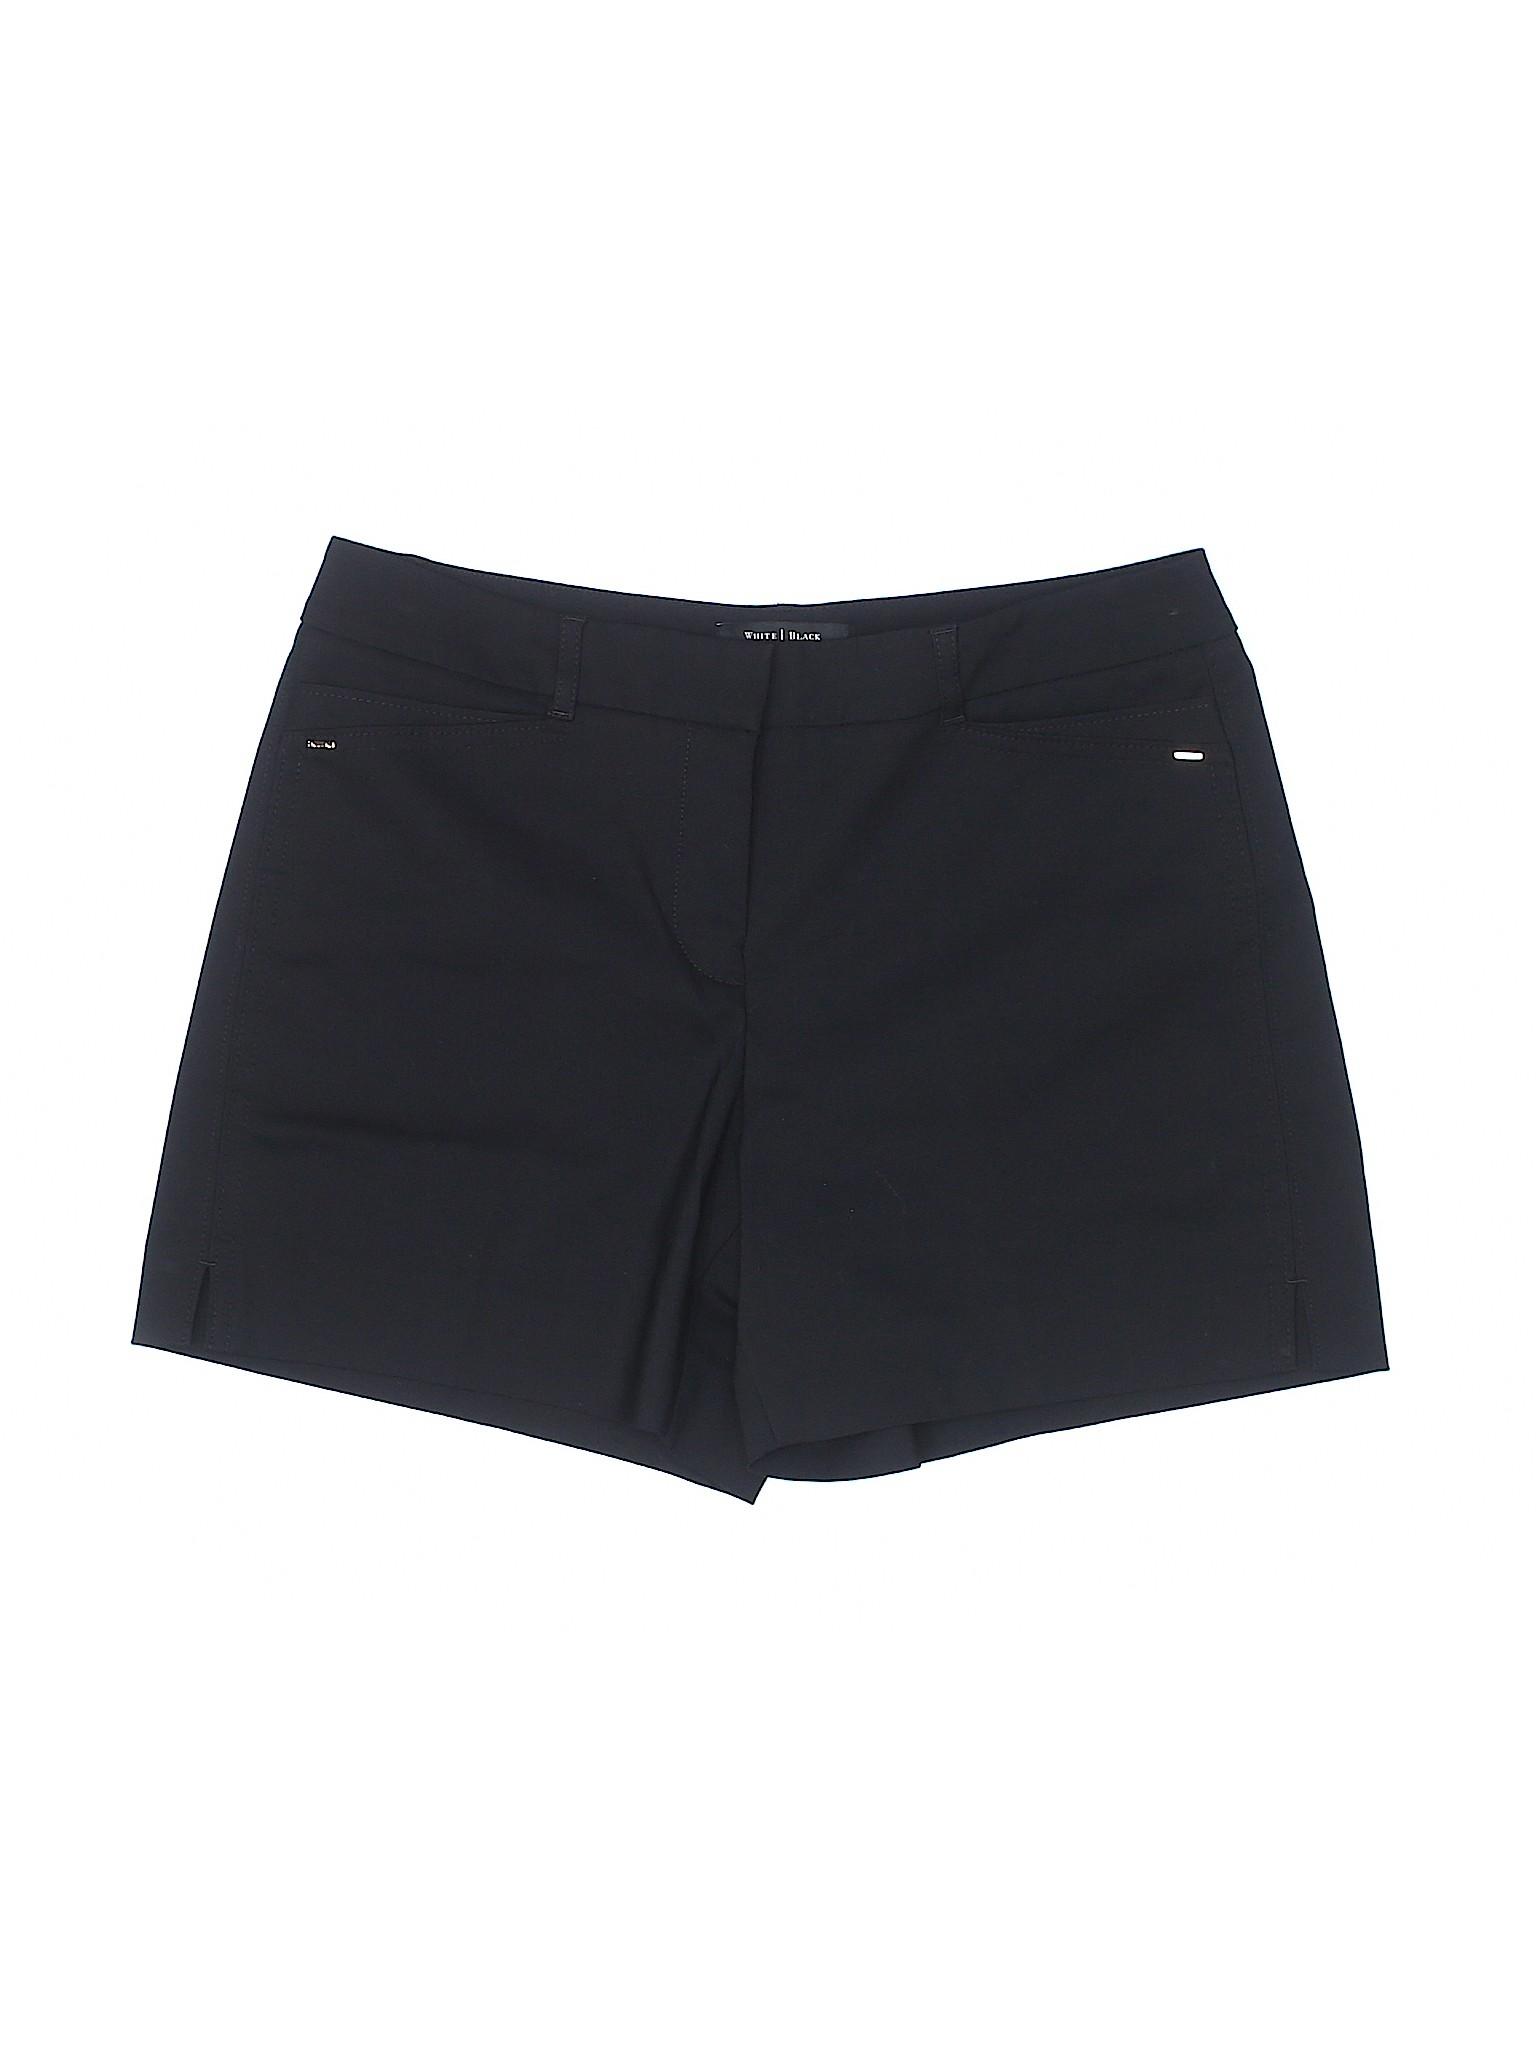 House Black Dressy White Market Boutique Shorts R50HqWw